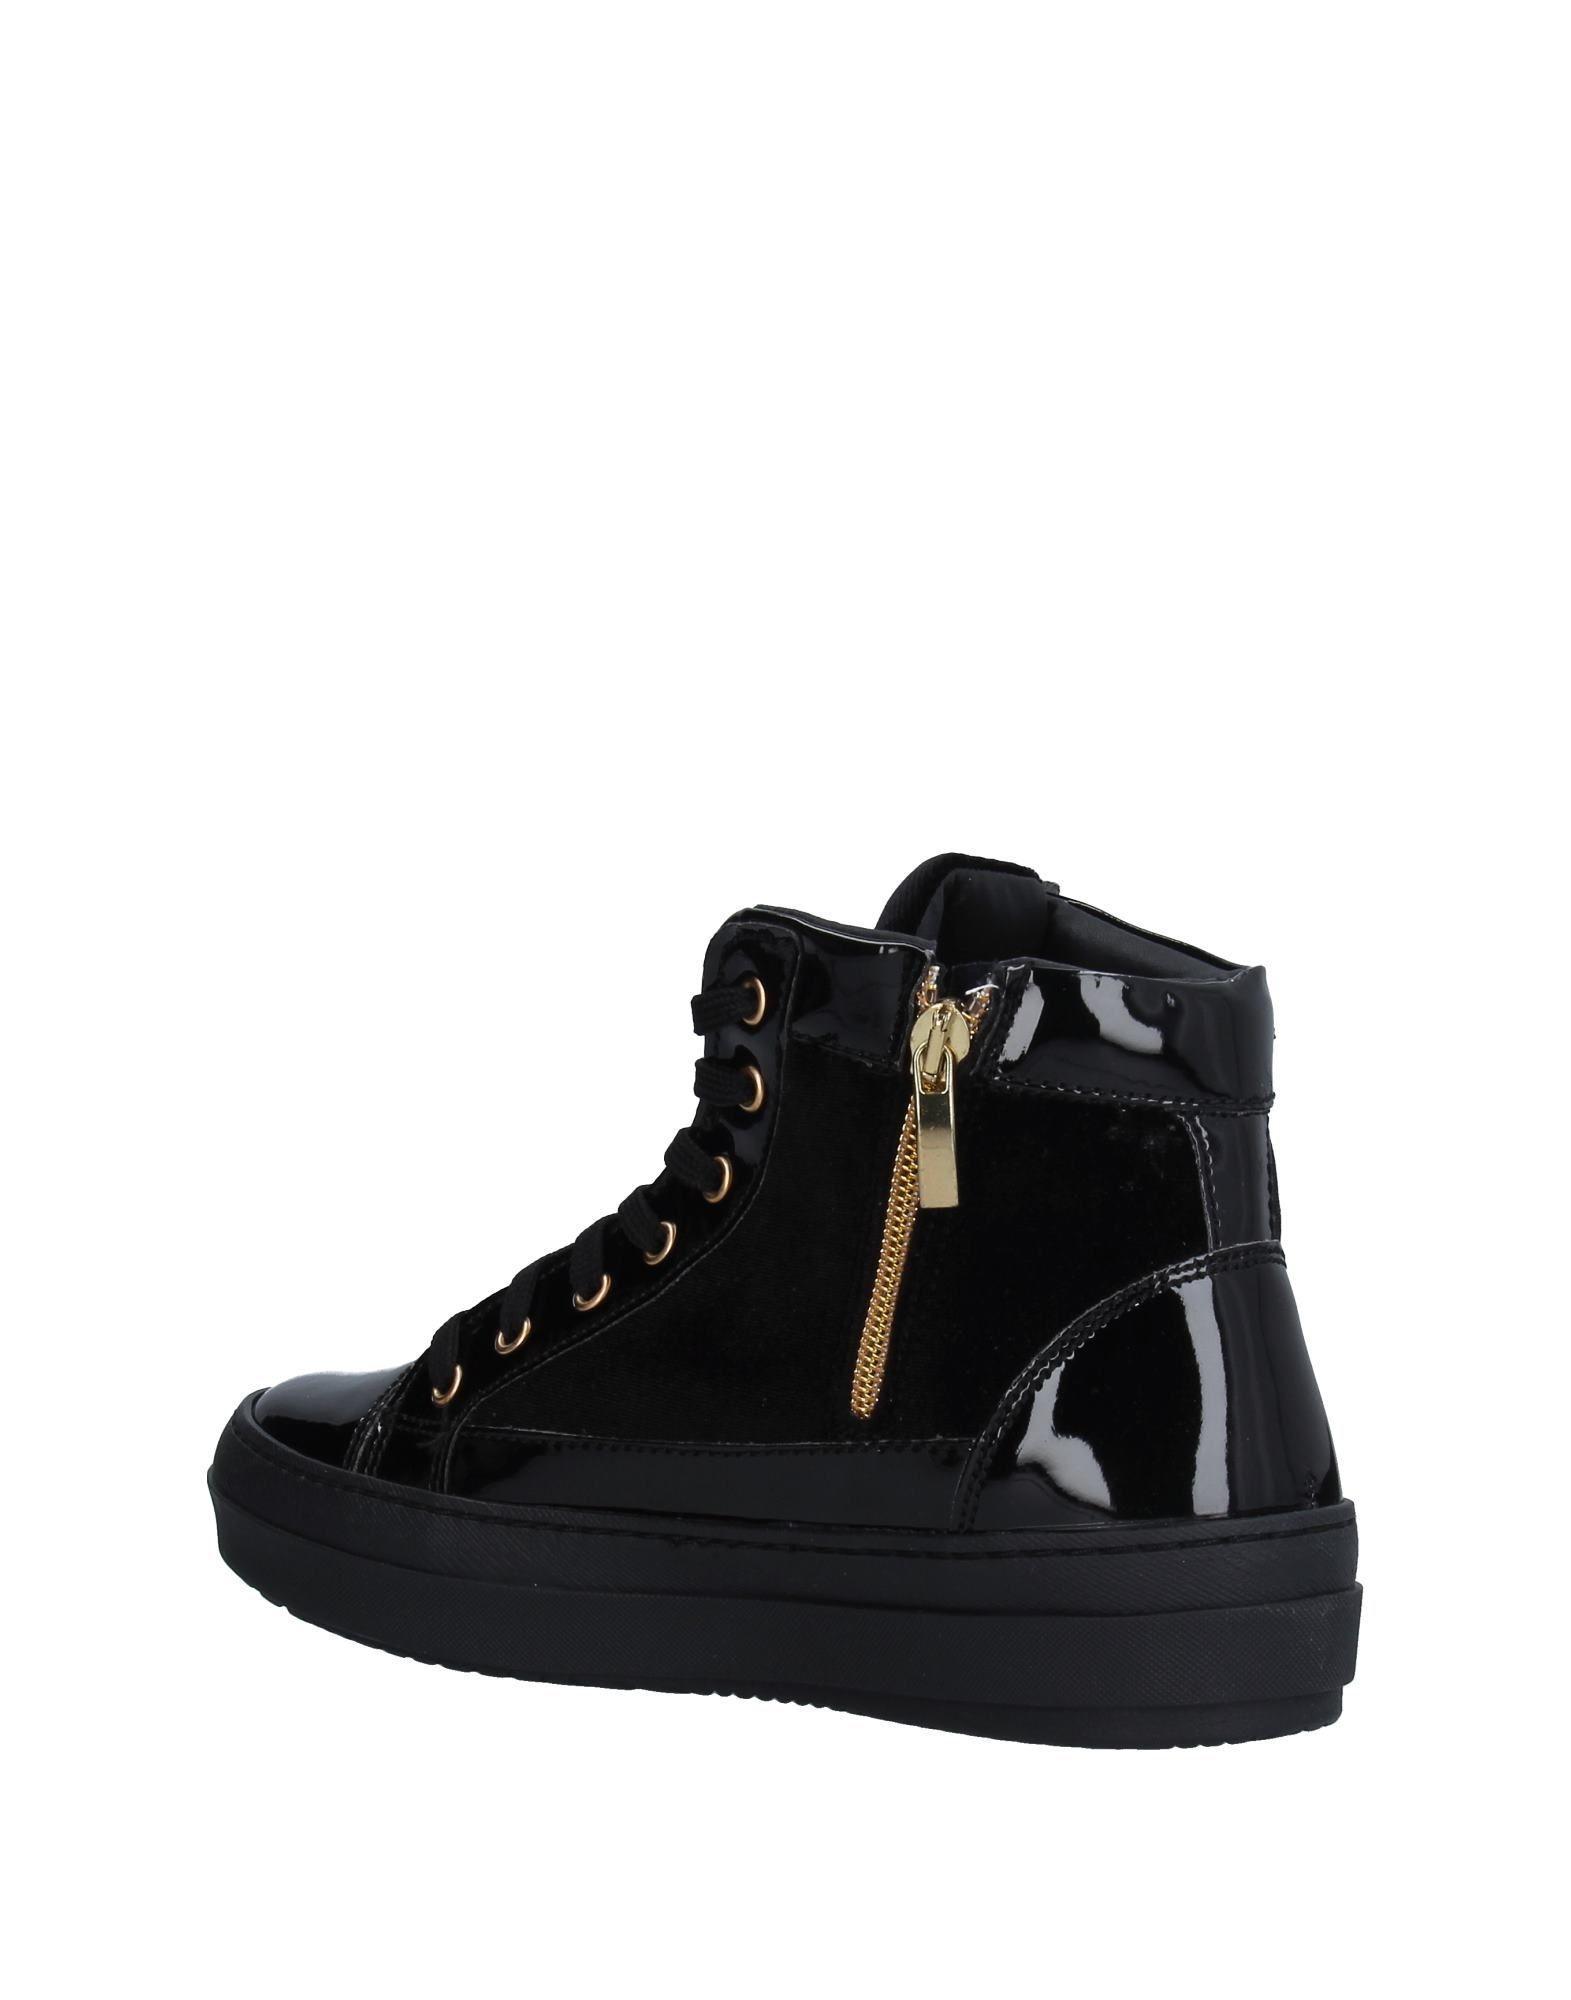 FOOTWEAR - Low-tops & sneakers Roccobarocco gVE6ajqcm